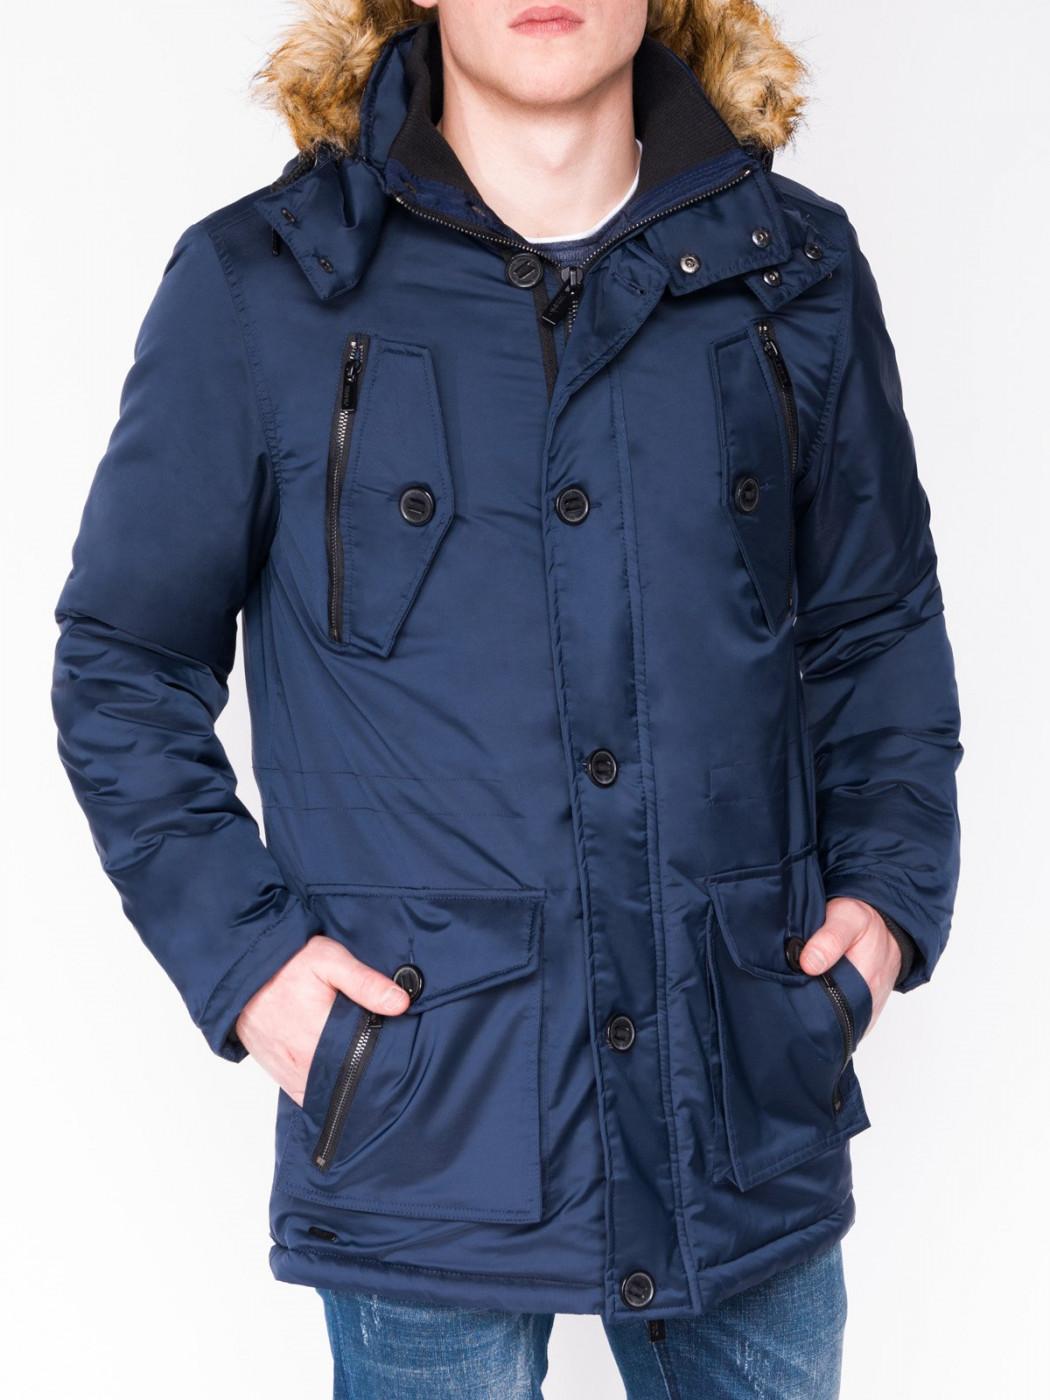 Men's jacket Ombre C361